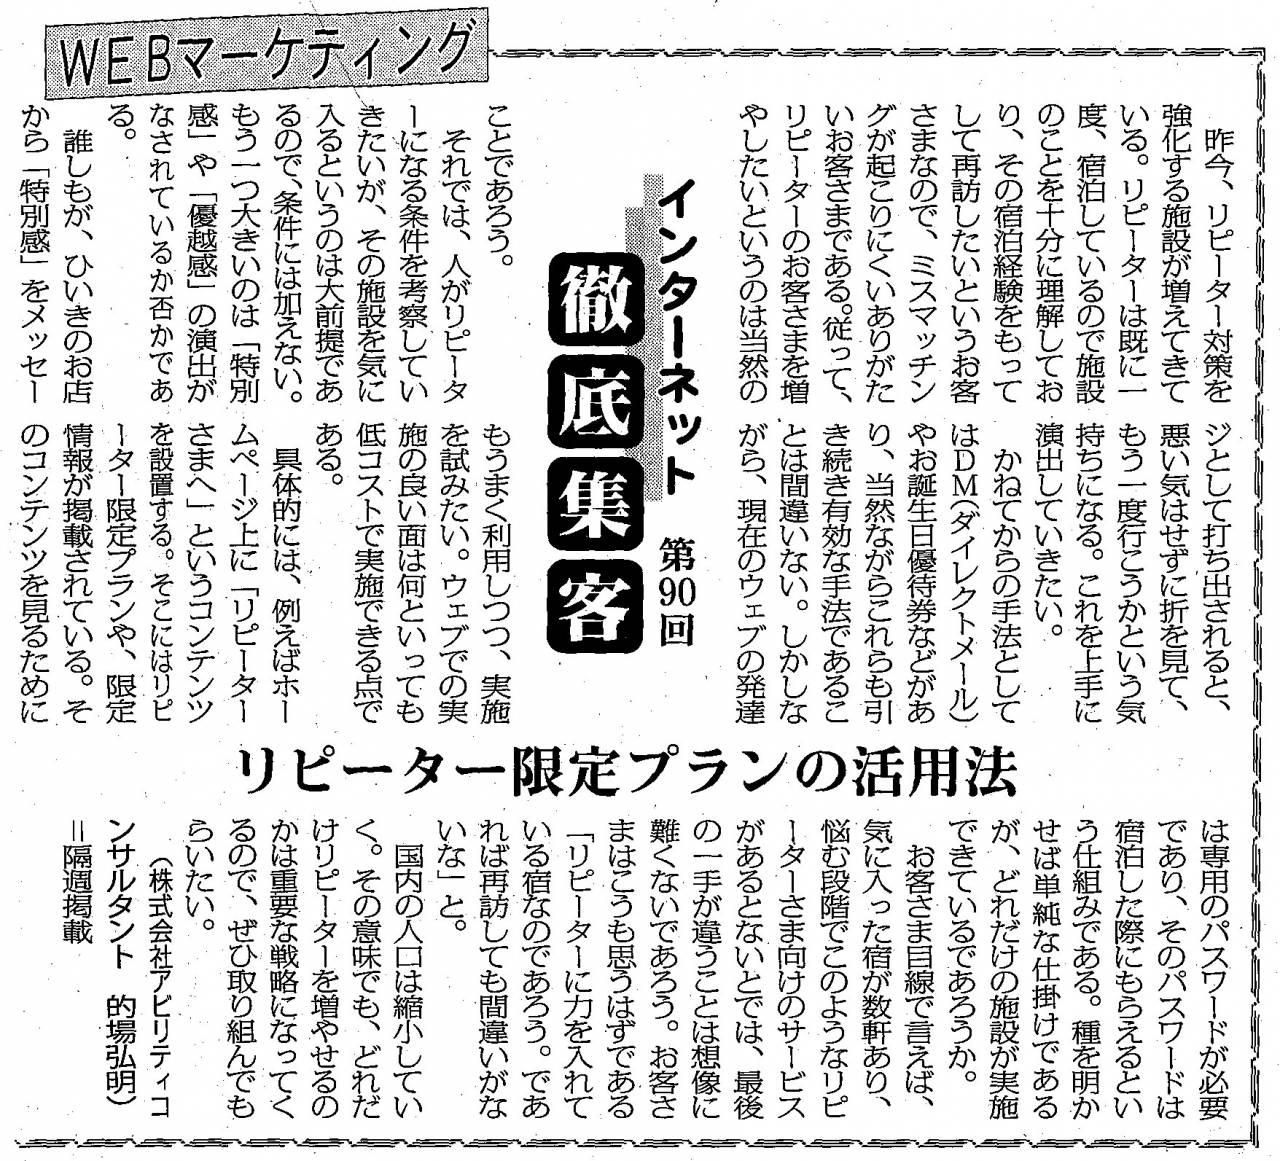 【第90回】WEBマーケティング リピーター限定プランの活用法